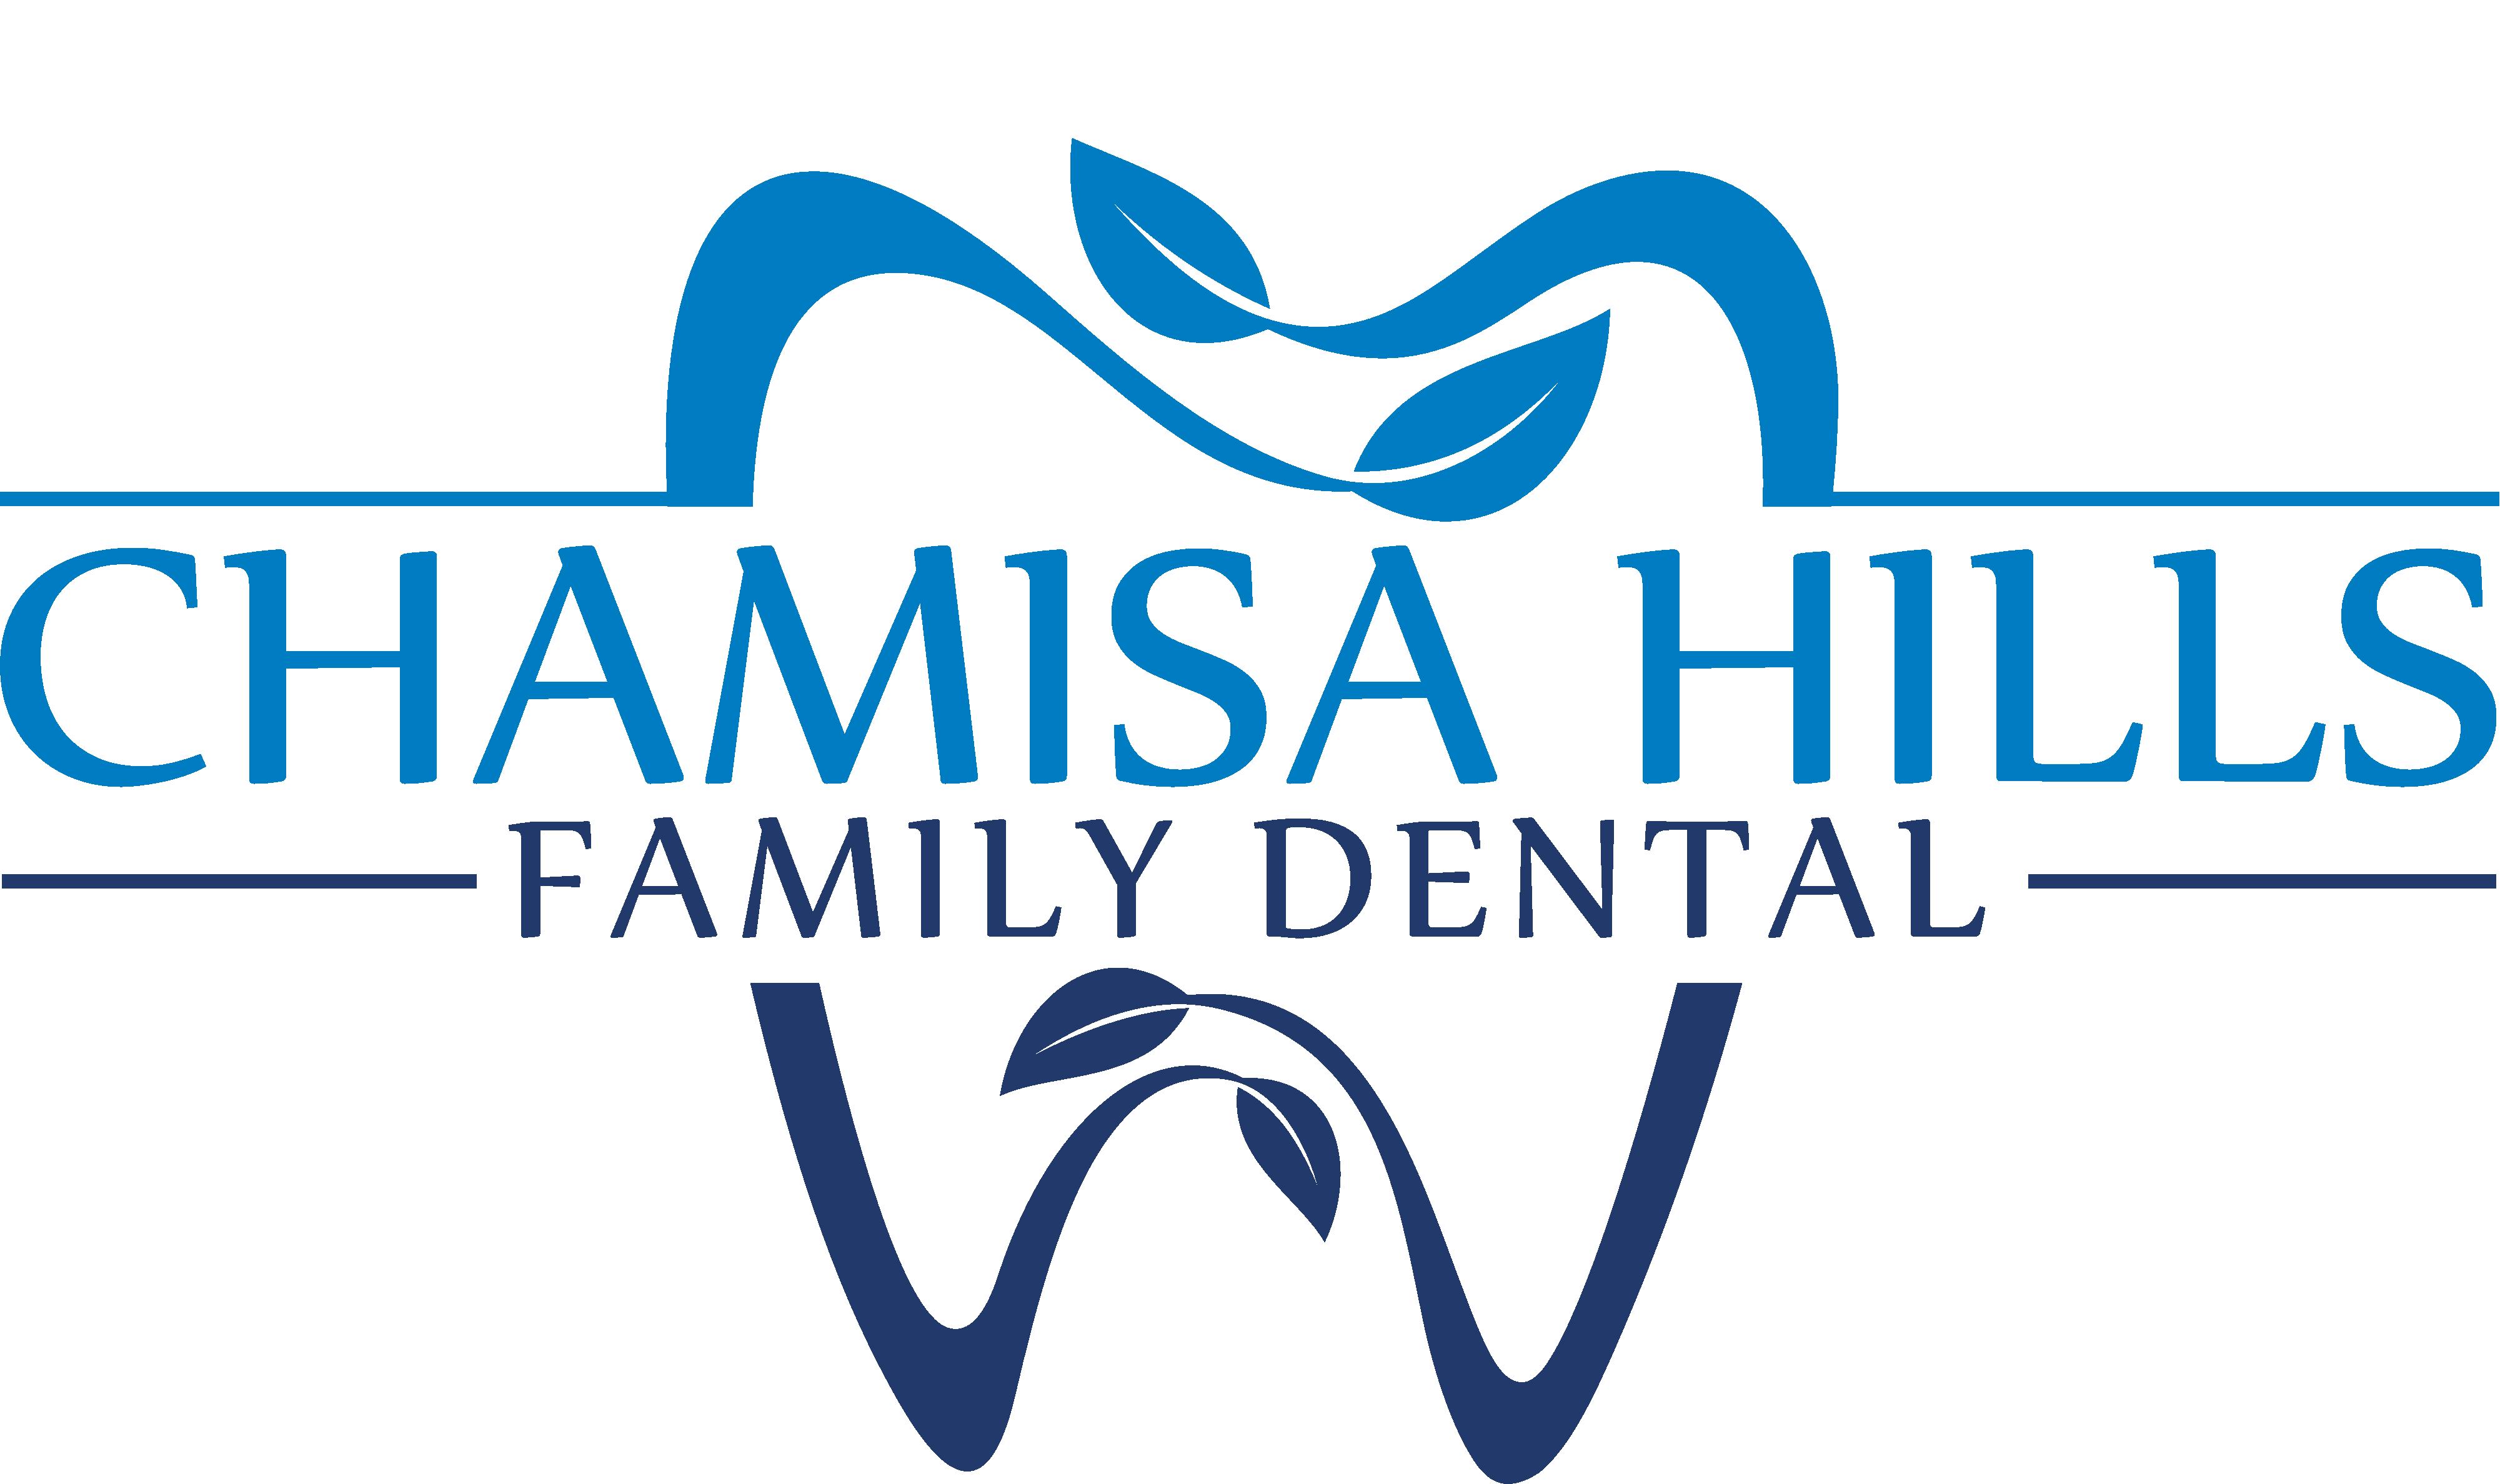 Chamisa Hills Family Dental